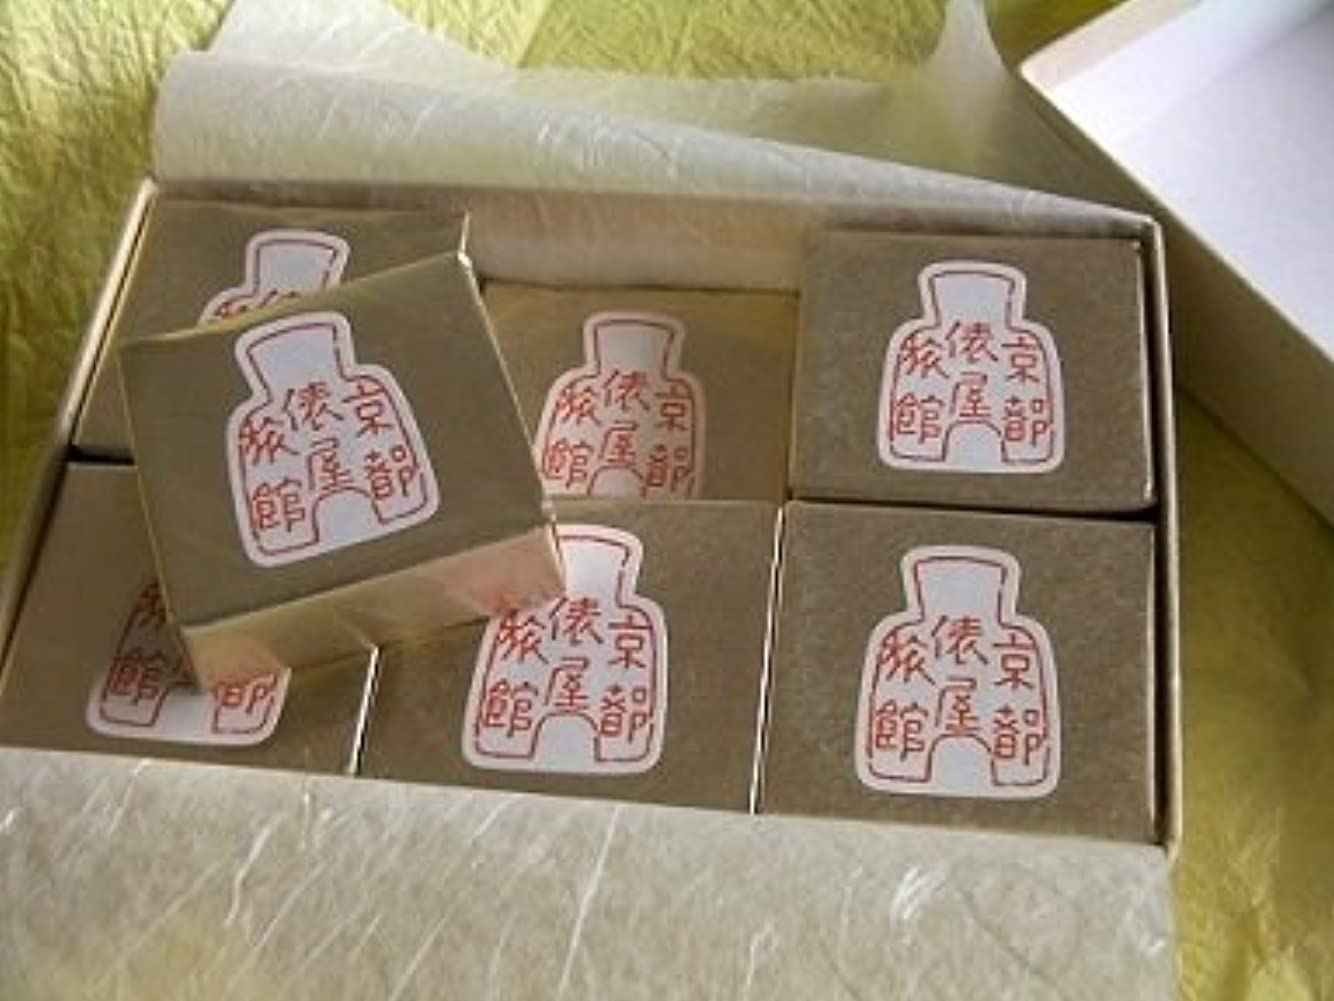 下品霊ぬいぐるみ俵屋旅館 俵屋の石鹸 12個入り 【ギフト包装&紙袋付き】 製造元:松山油脂 通販